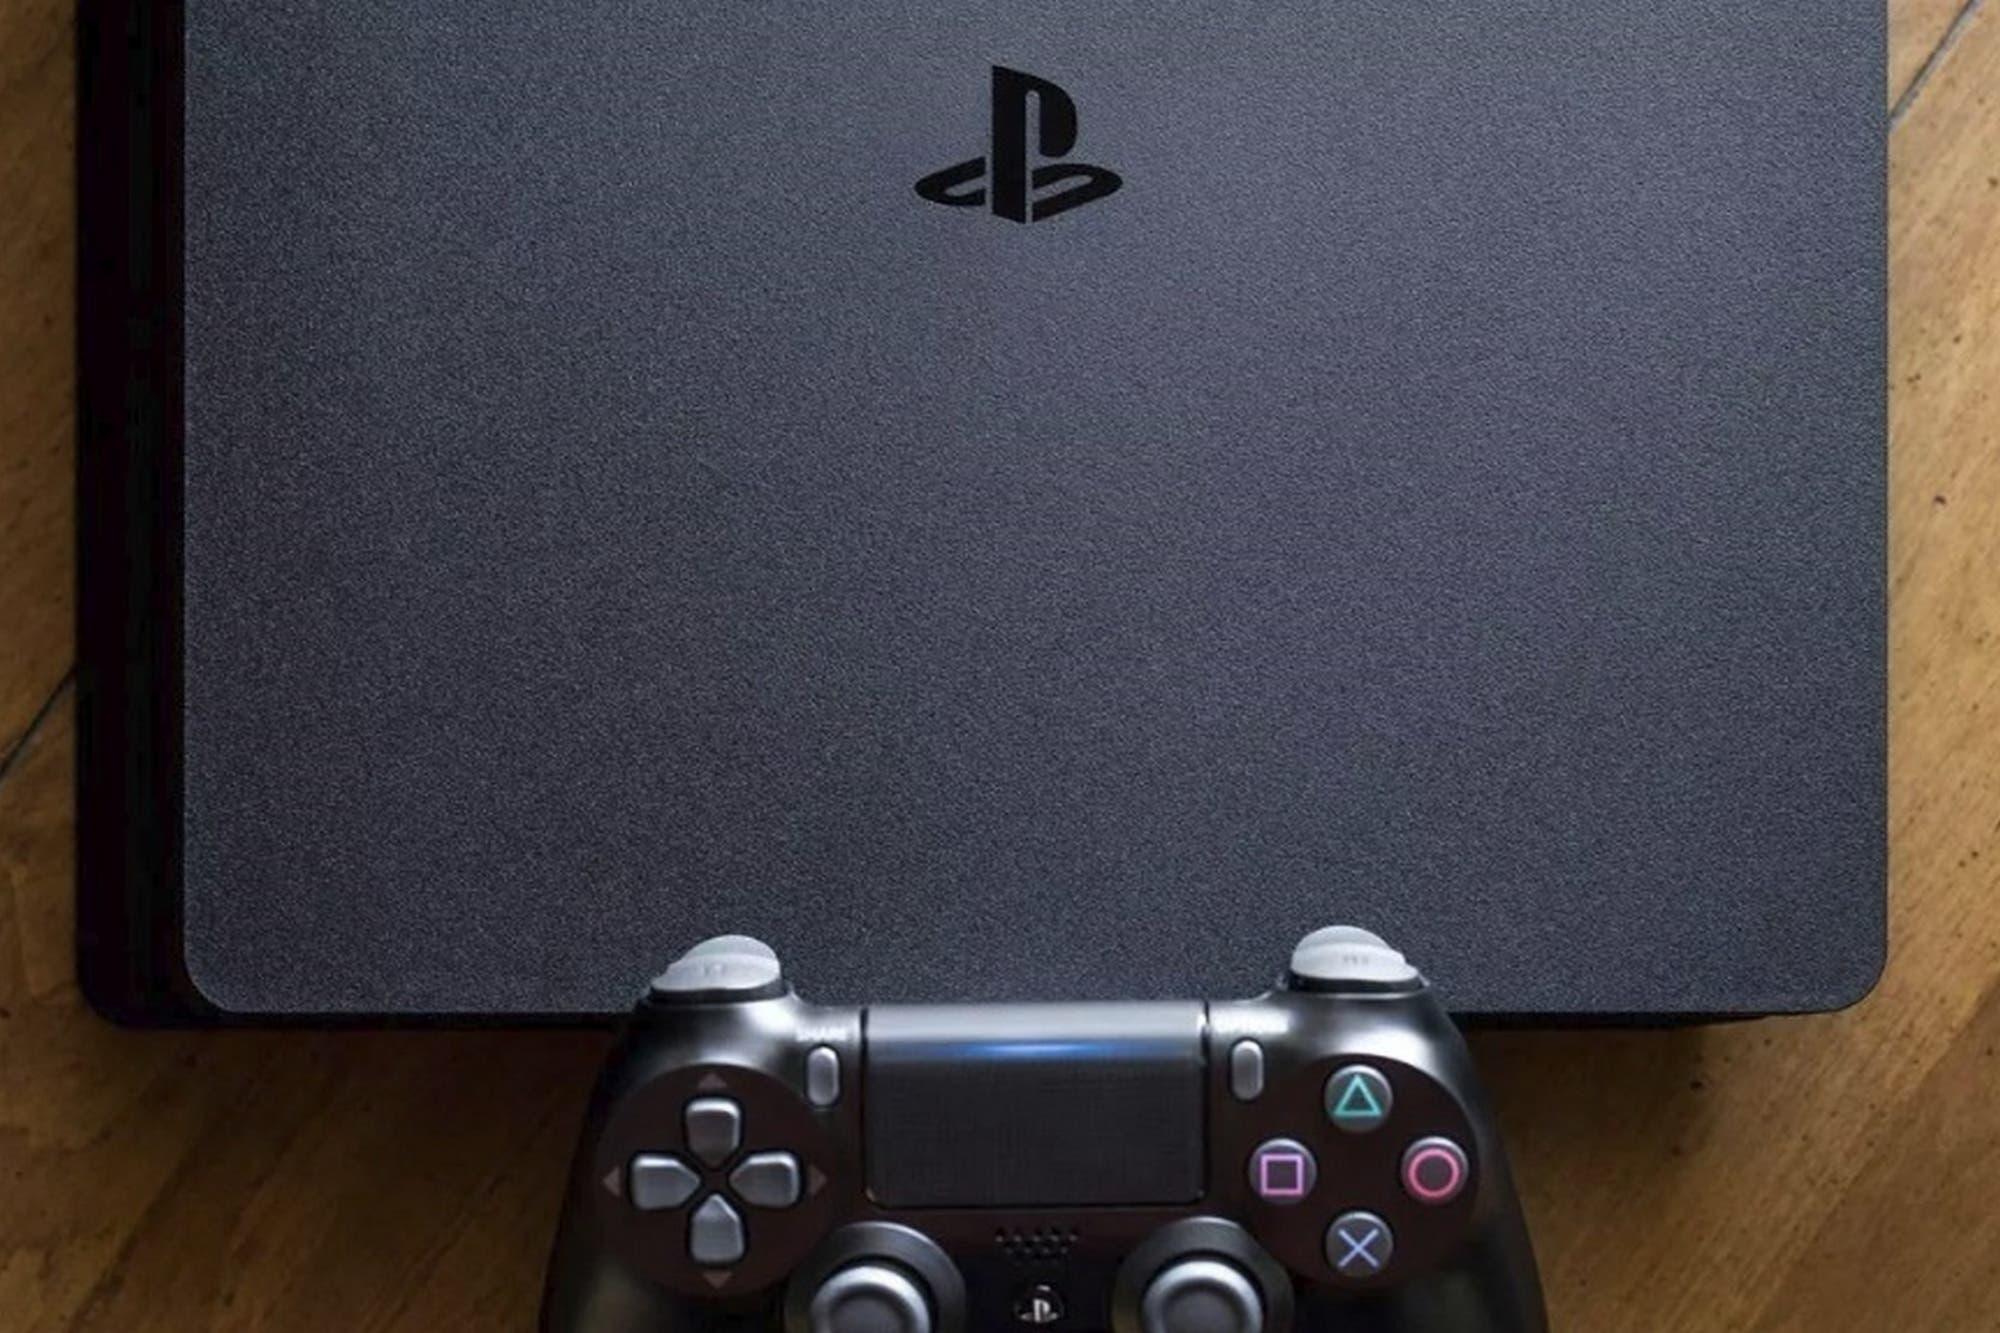 Una actualización de Sony para la PlayStation 4 permite que los padres decidan en qué juegos pueden chatear los menores